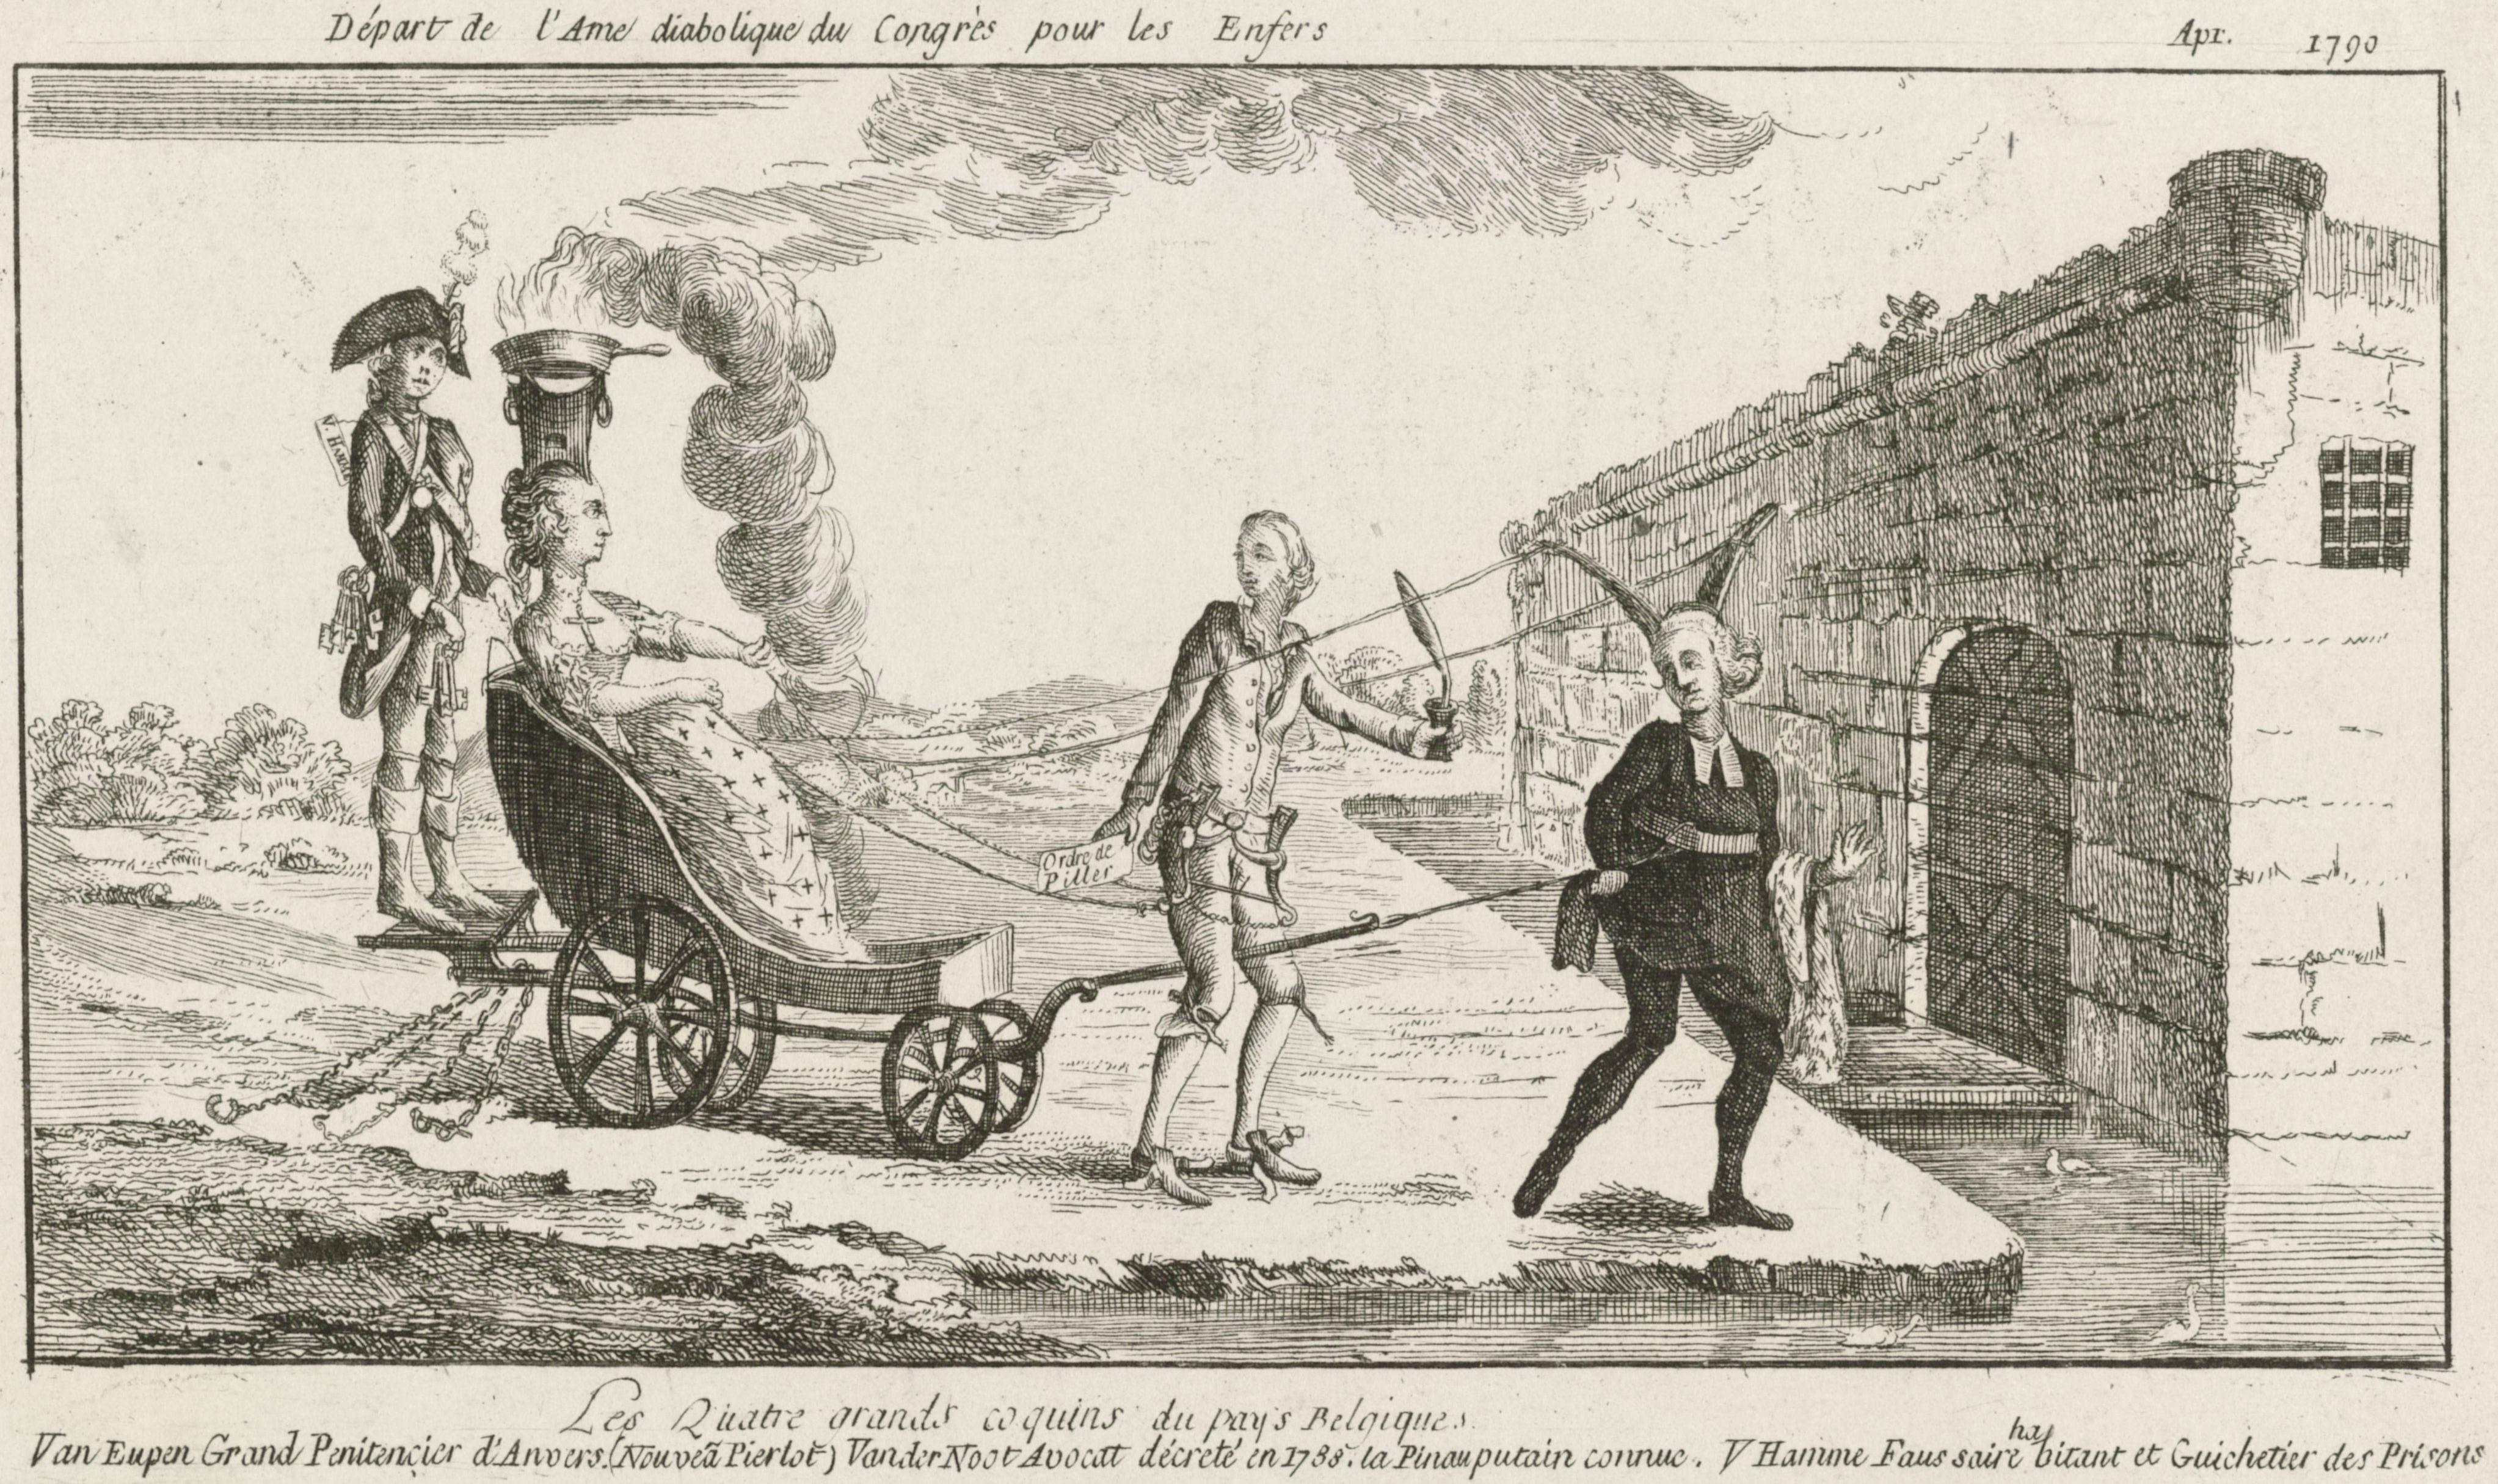 File:Spotprent op Hendrik van der Noot en Petrus van Eupen, 1790, anoniem